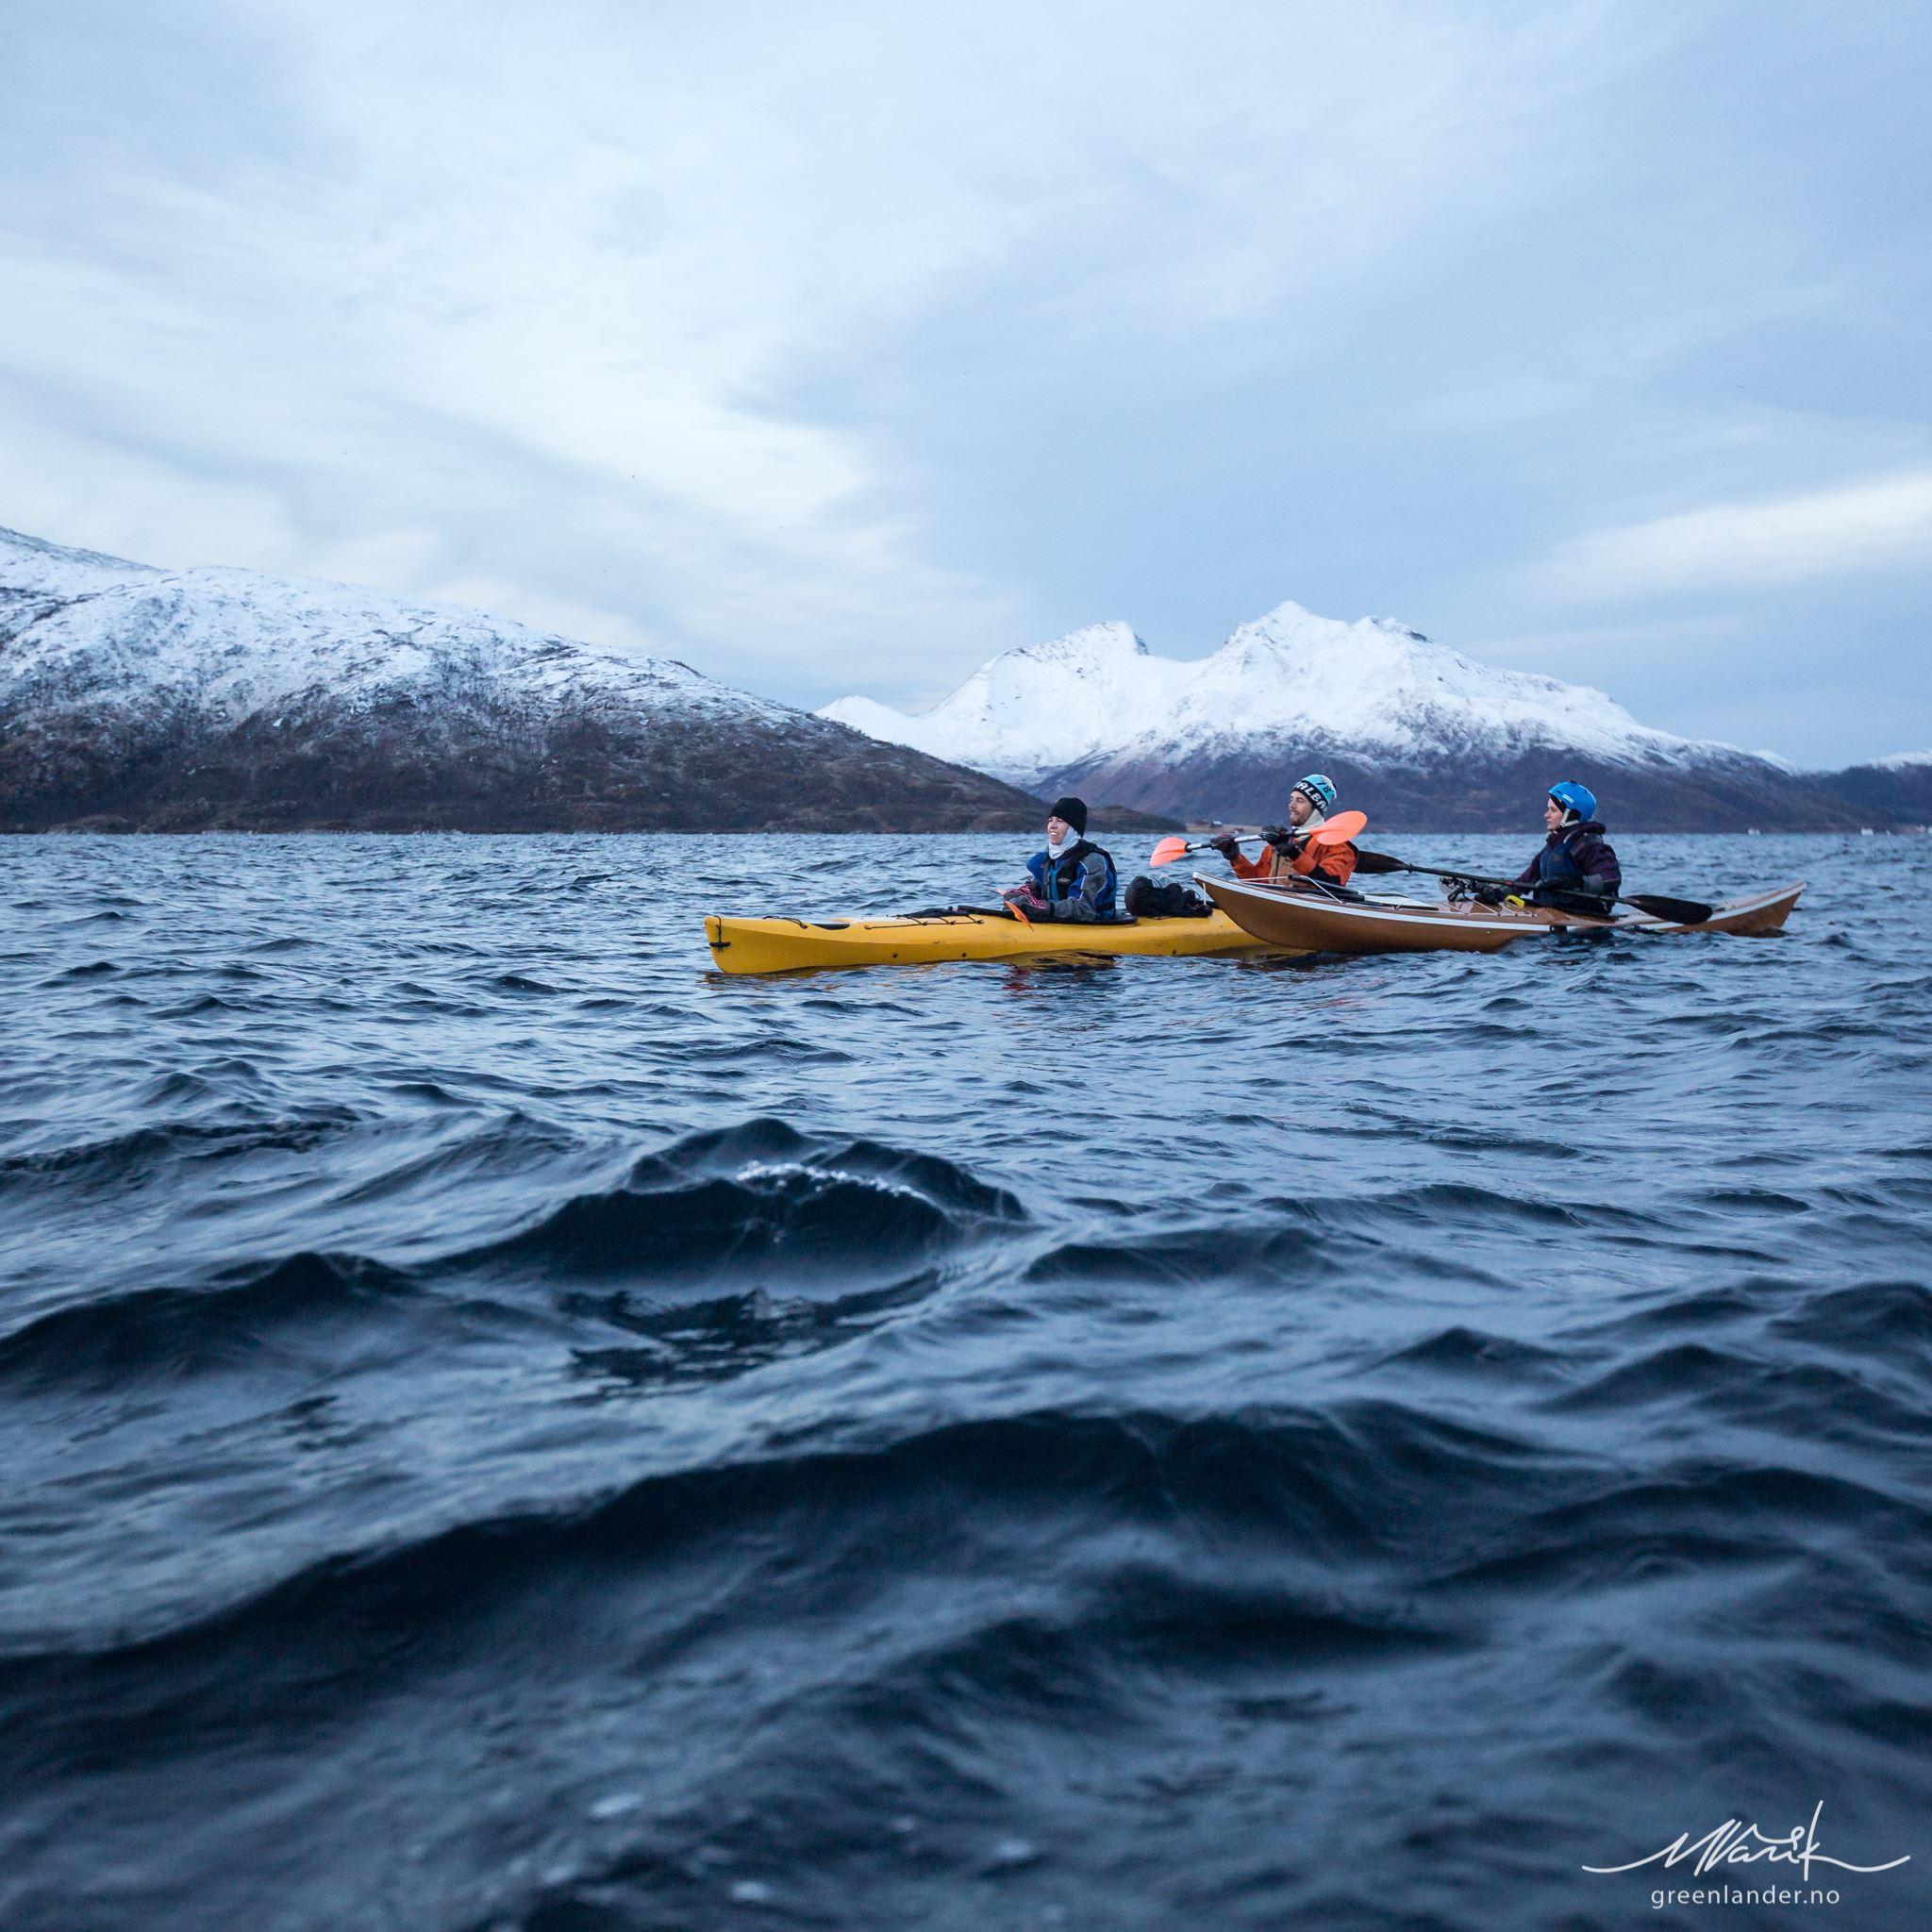 Vinter-kajakk med hvaler, BCU sertifisert havkajakkinstruktører og trygge tandemkajakker - Greenlander